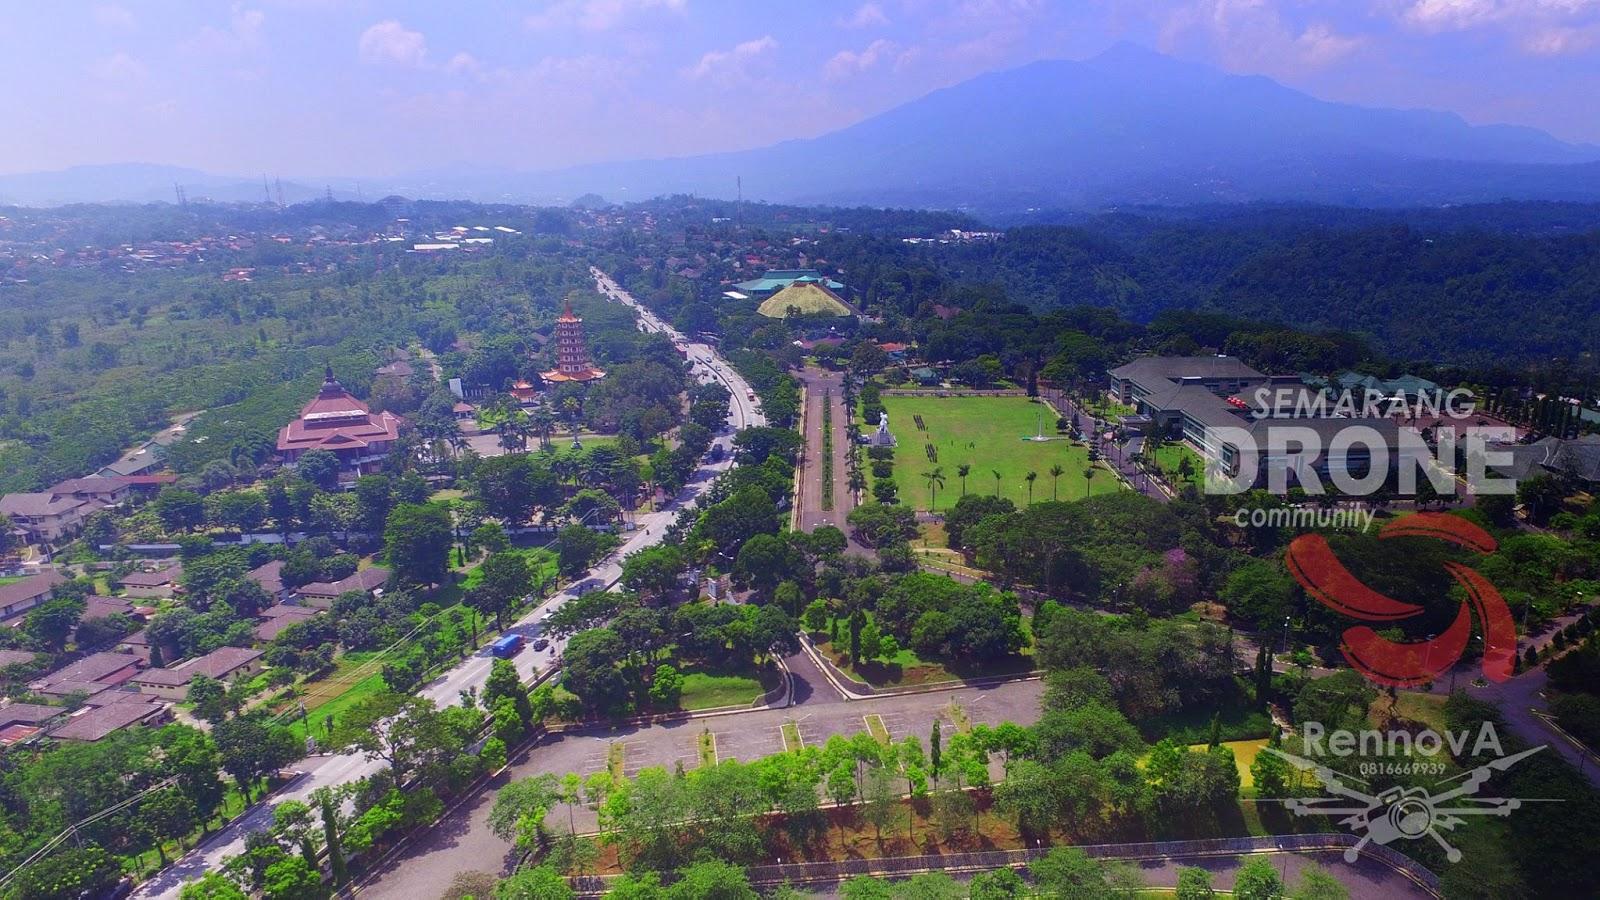 Semarang Drone Community